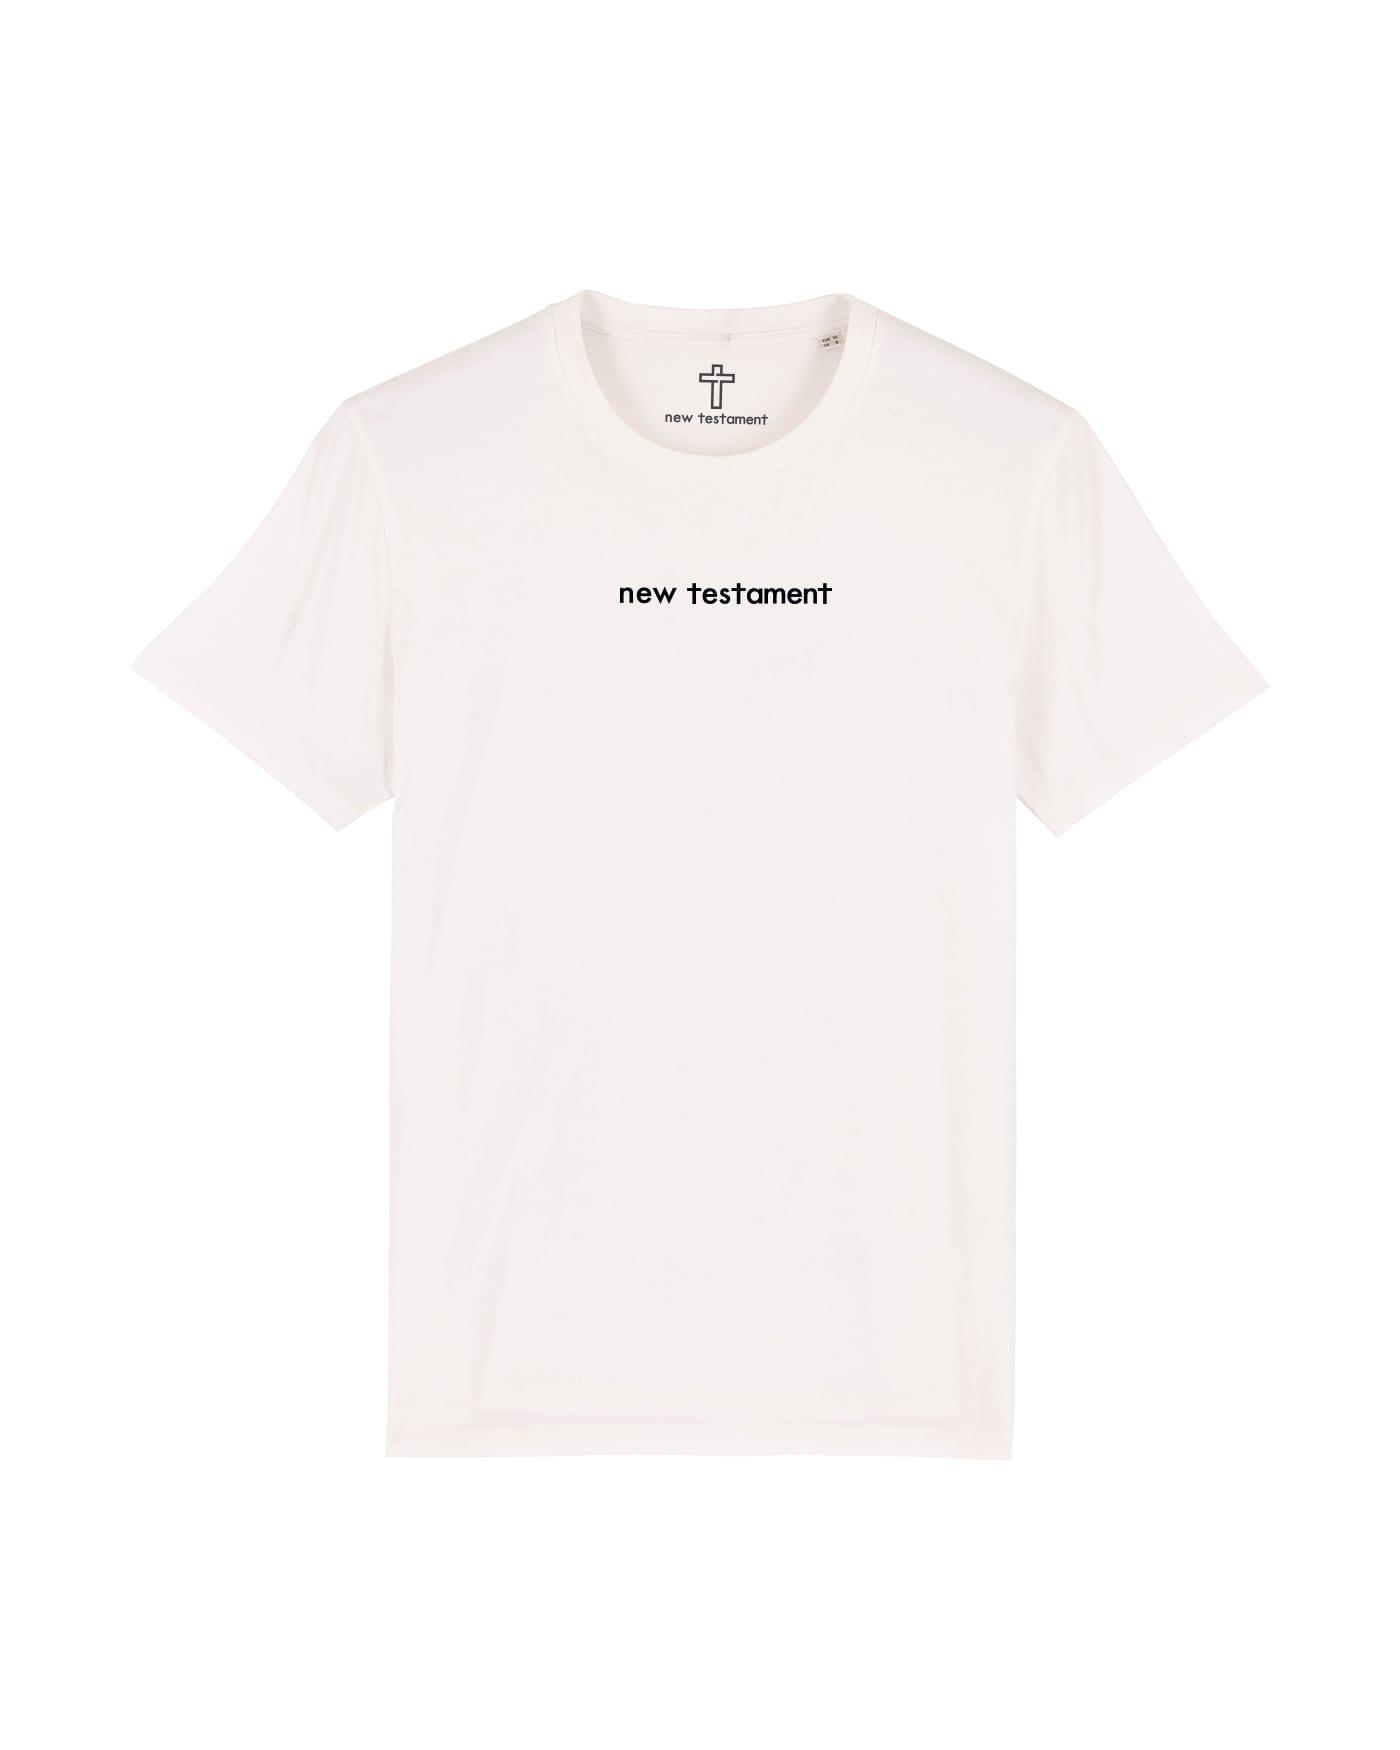 Original T Off-White